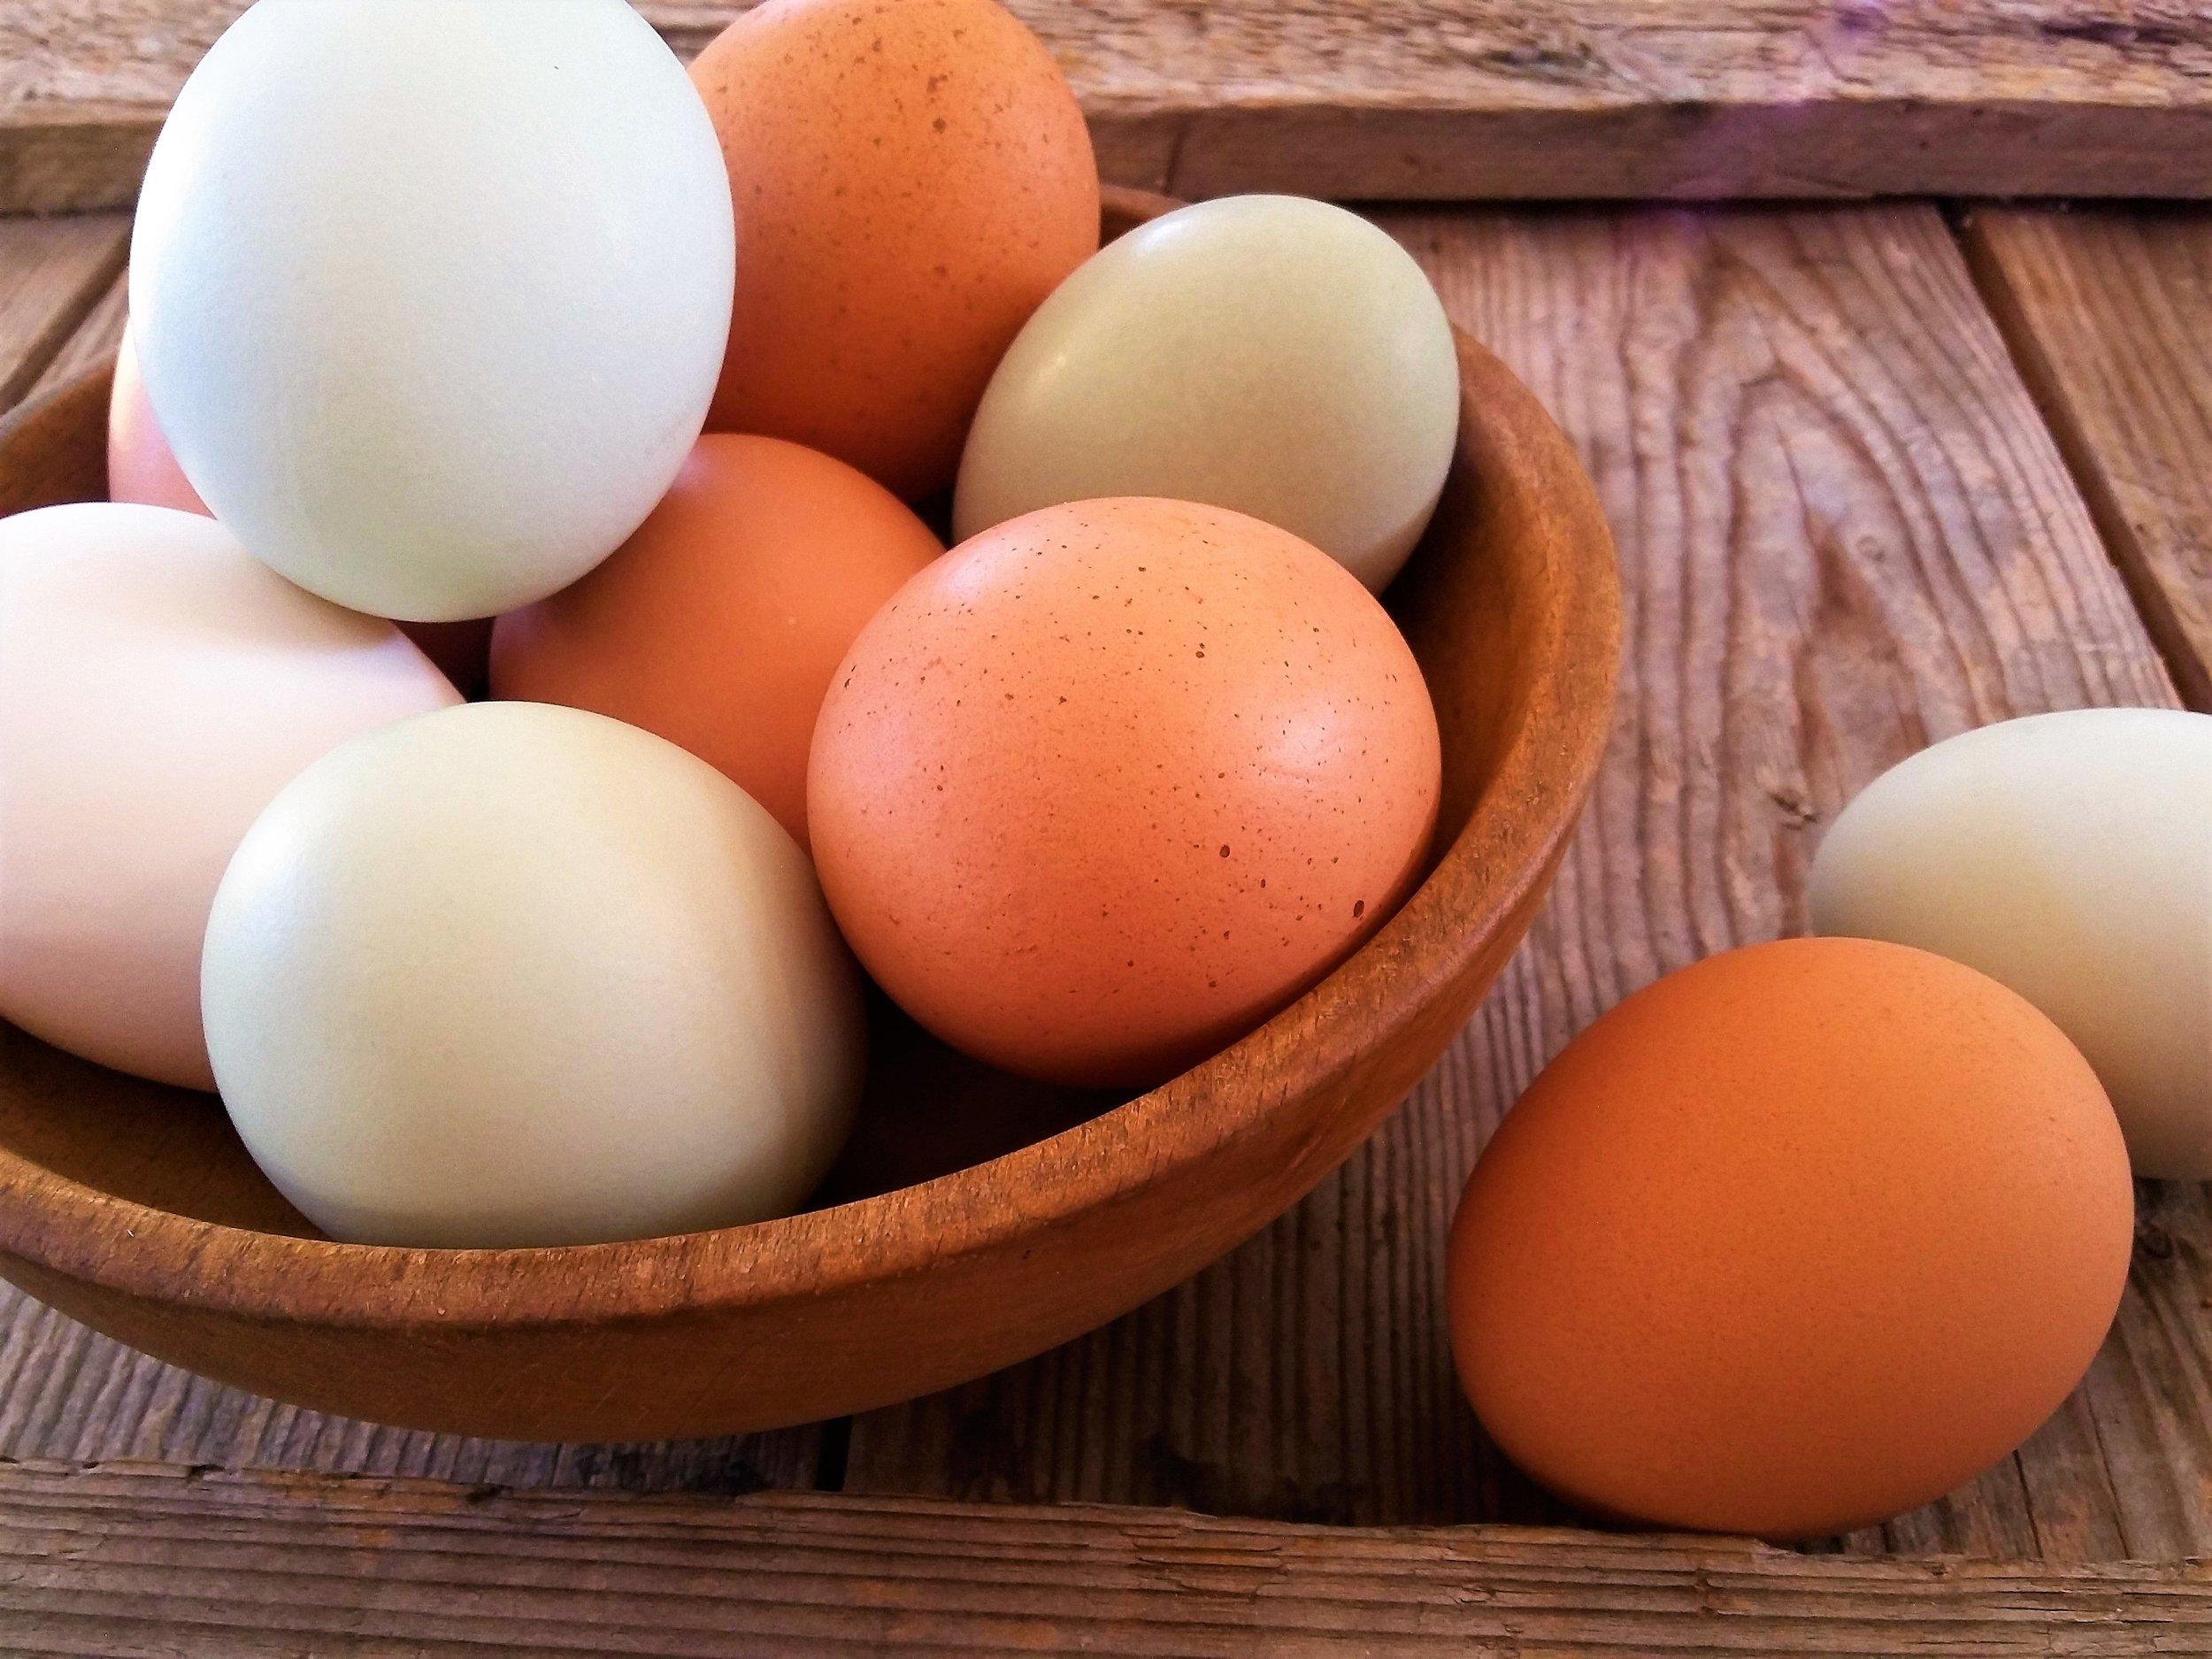 Non-disponibles - Oeufs provenant de poules heureuses